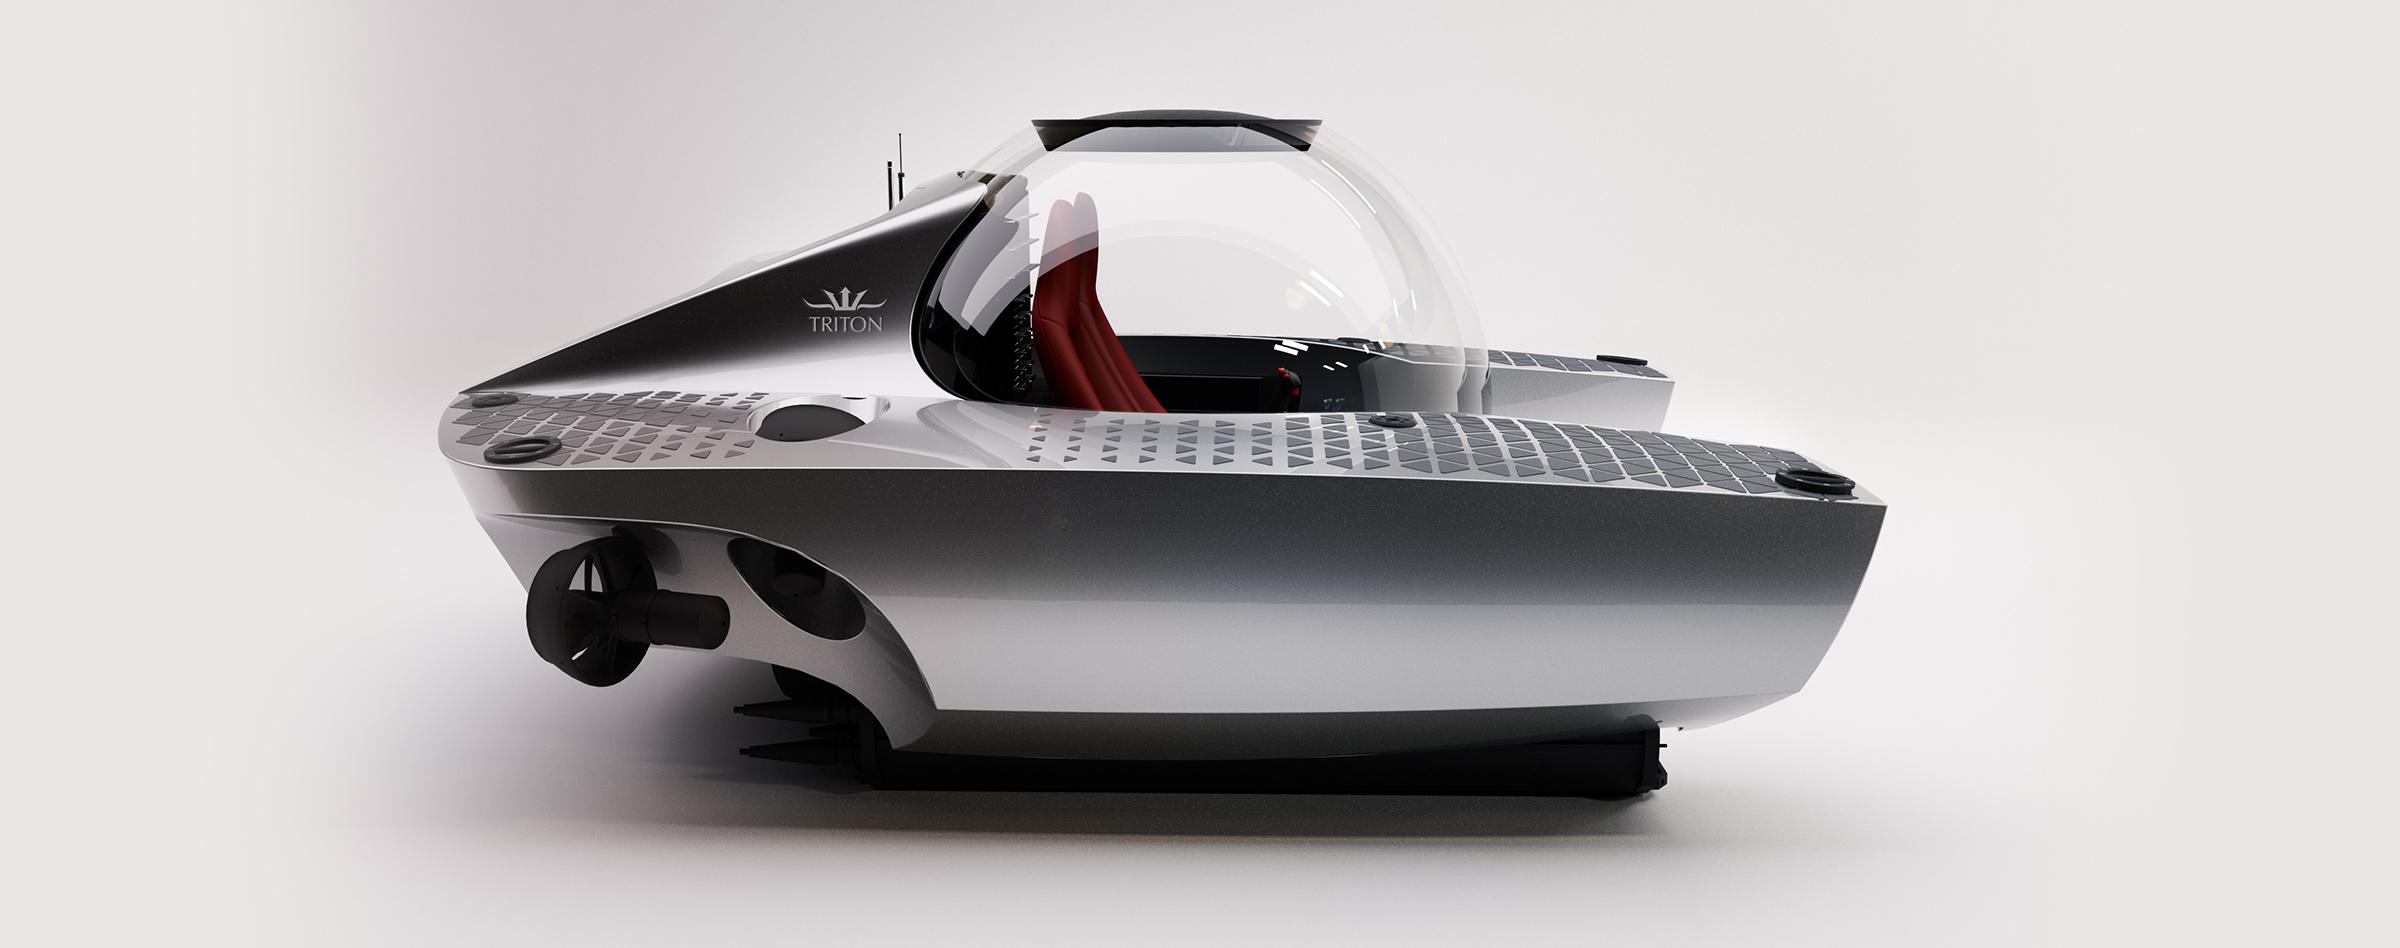 Triton 660/2's sleek exterior